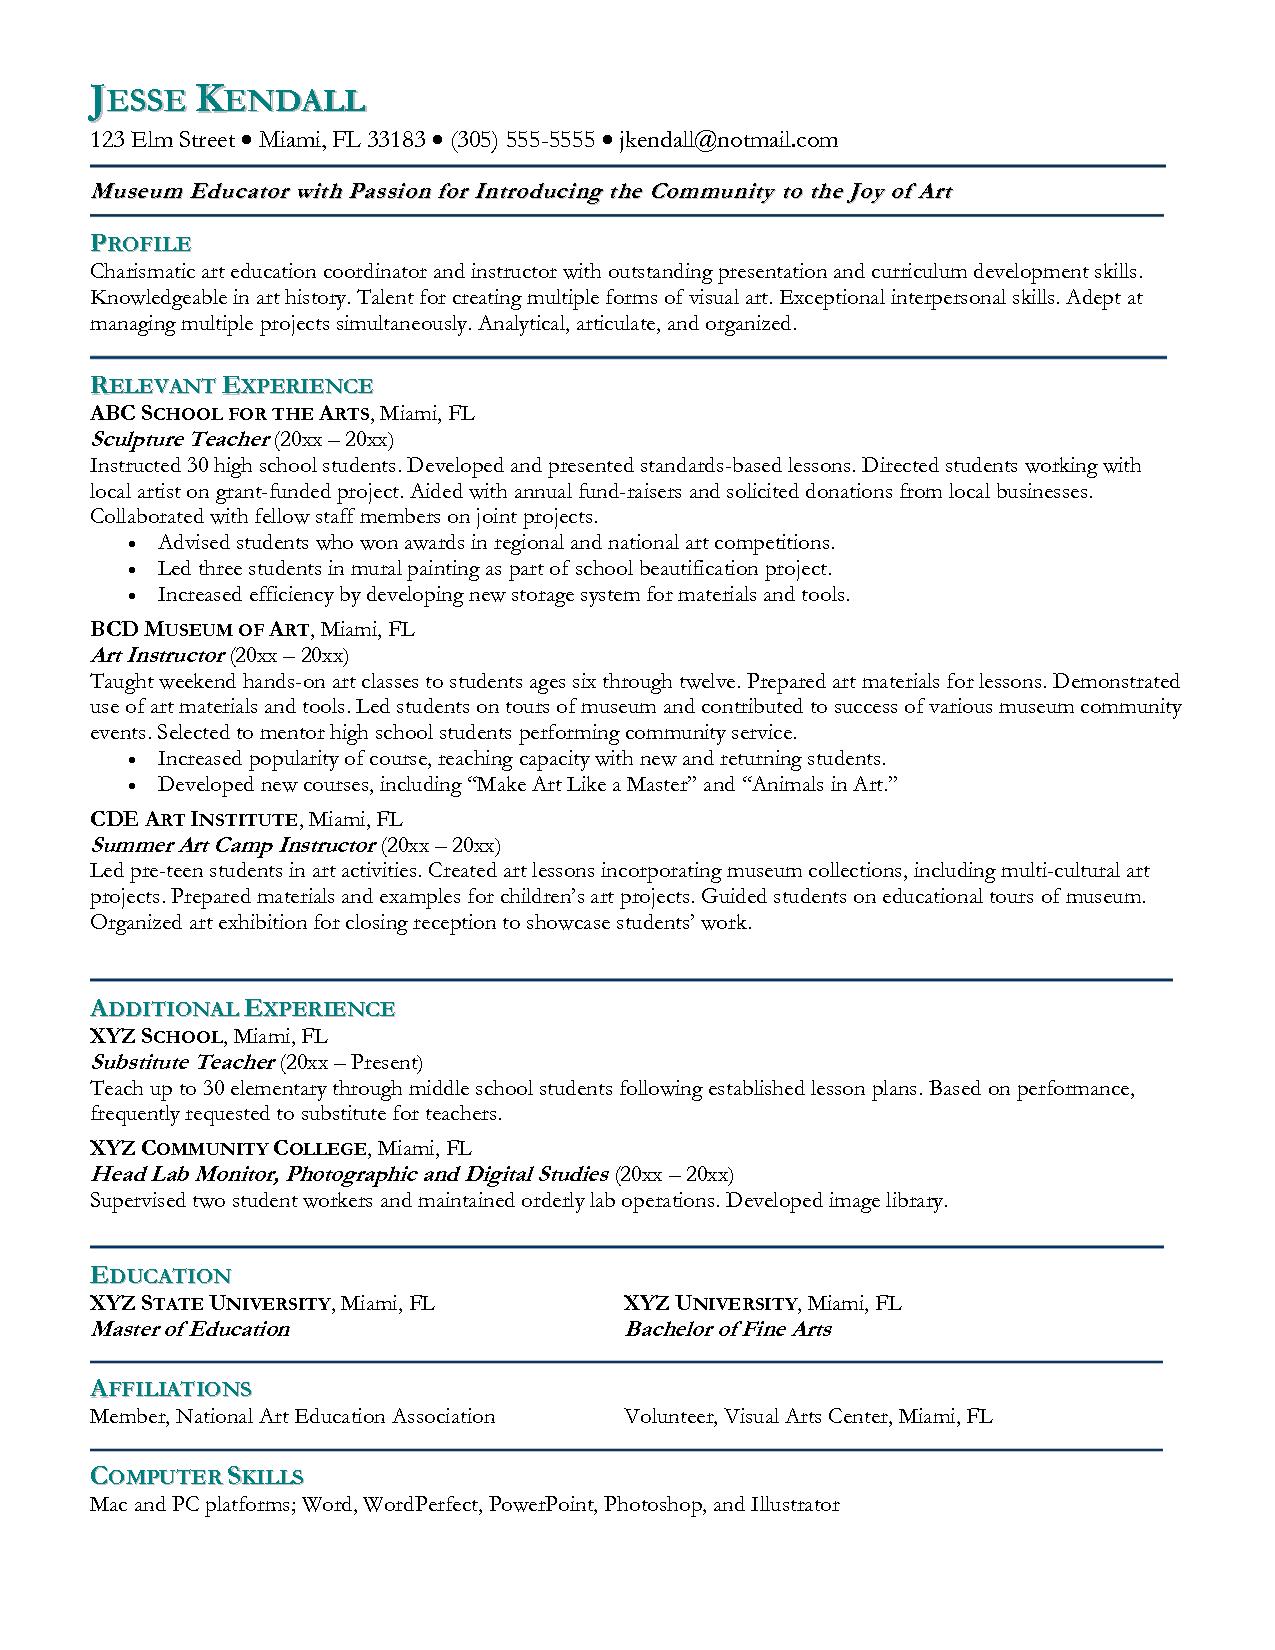 cover letter for teacher application resume example sample